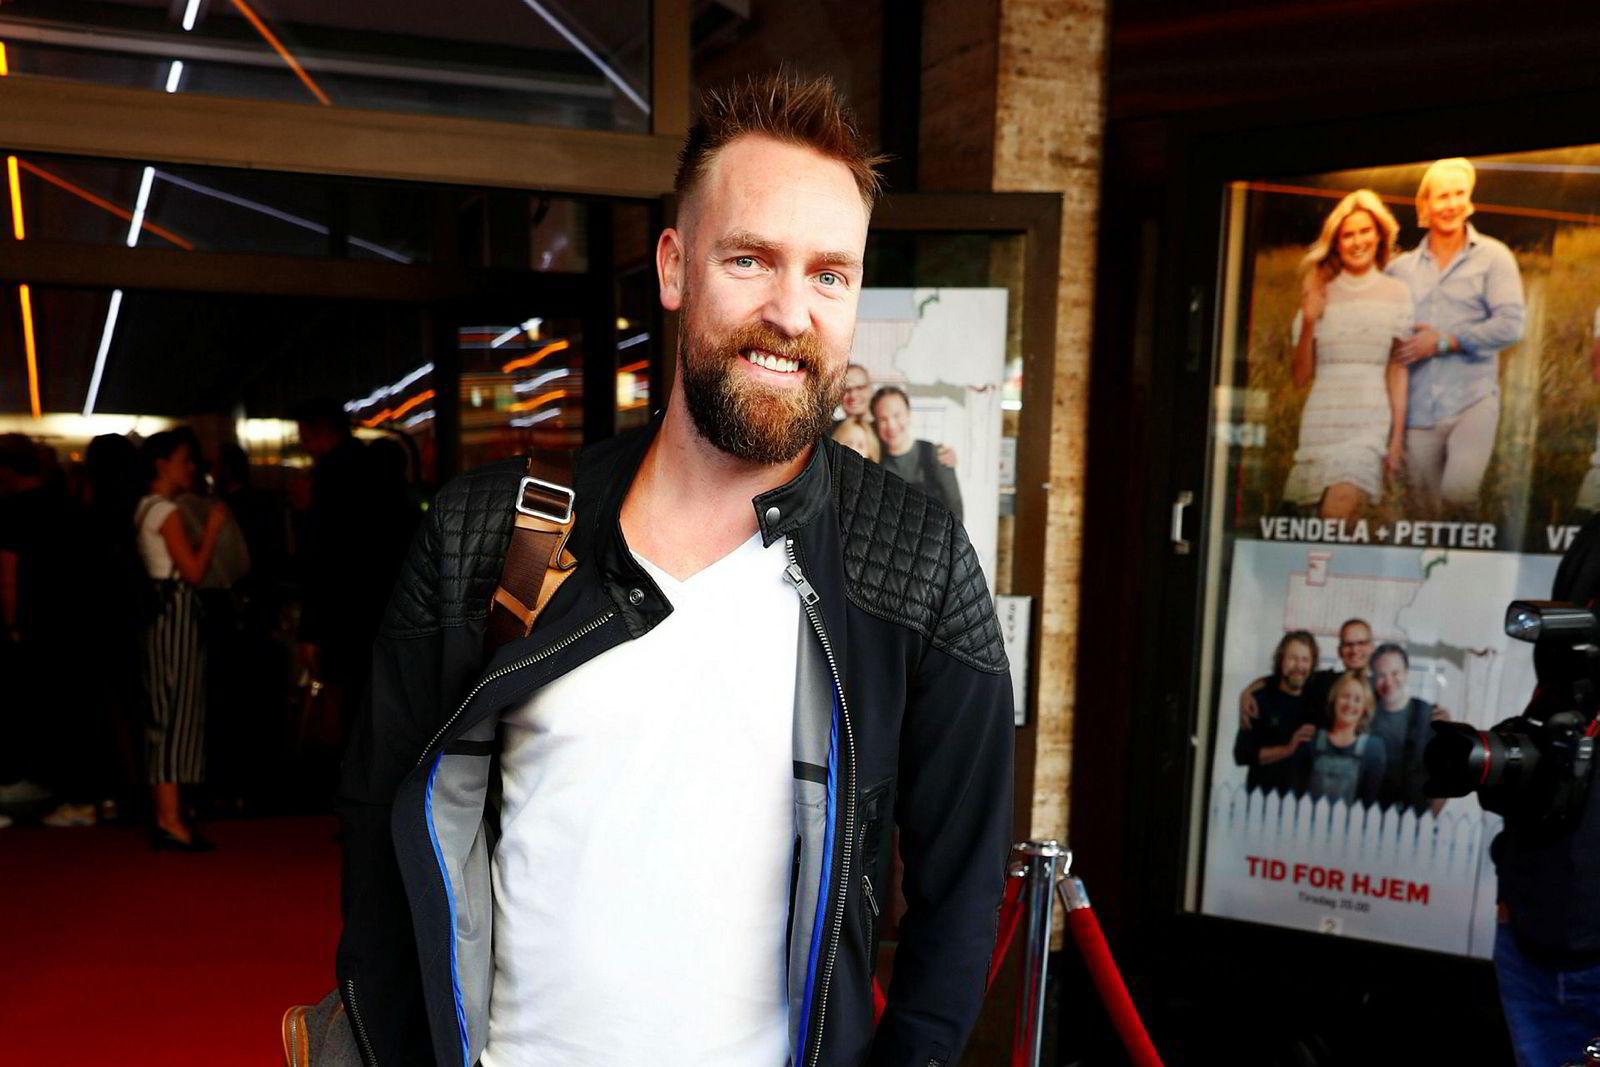 VG beklager to saker om trakasseringsanklager mot komiker Ørjan Burøe